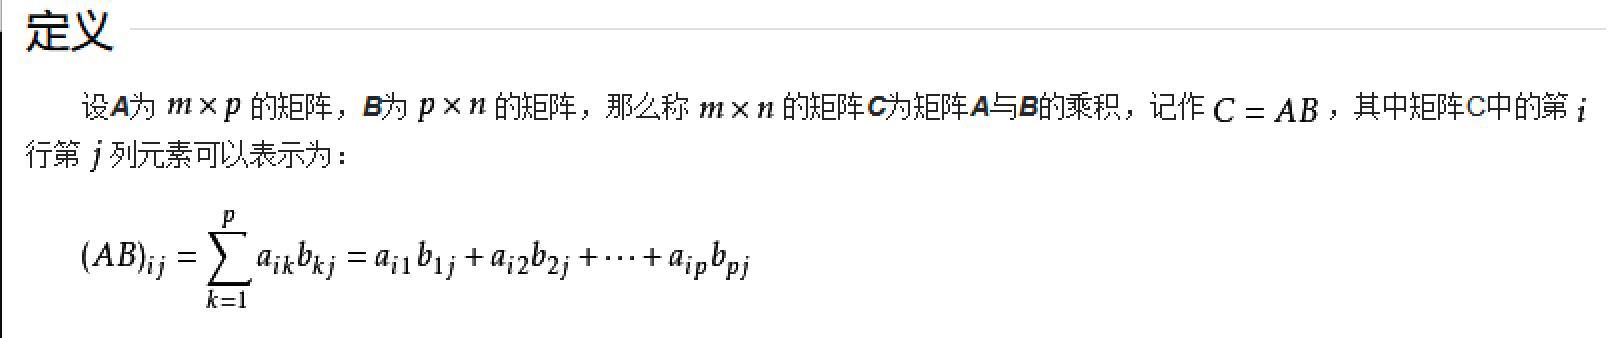 请编写程序实现矩阵的乘法